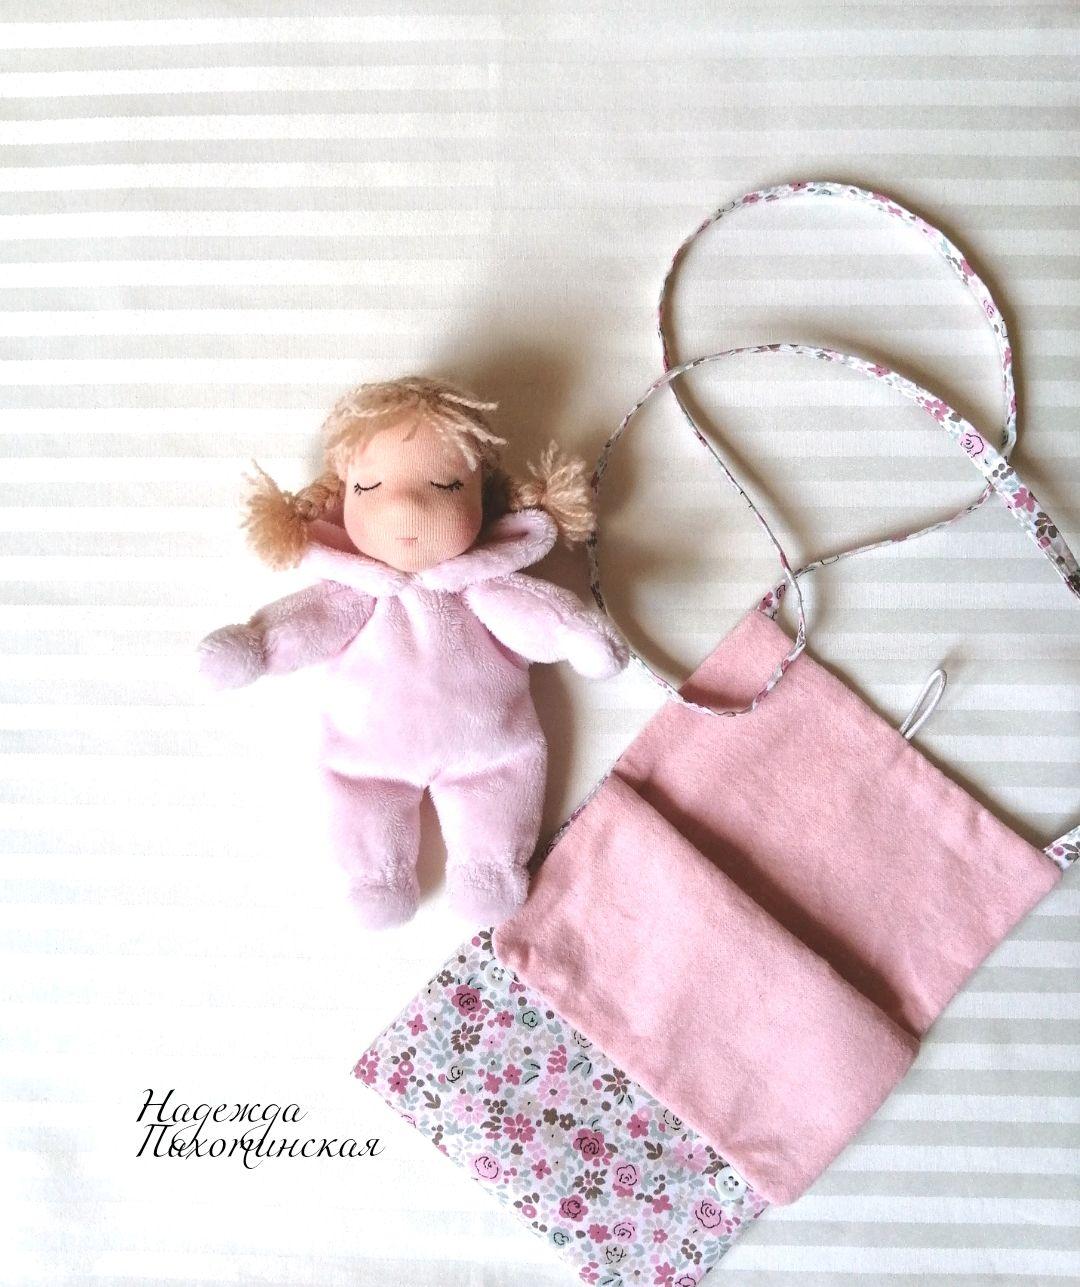 Вальдорфская сплюшка 20см, Вальдорфские куклы и звери, Долгопрудный,  Фото №1